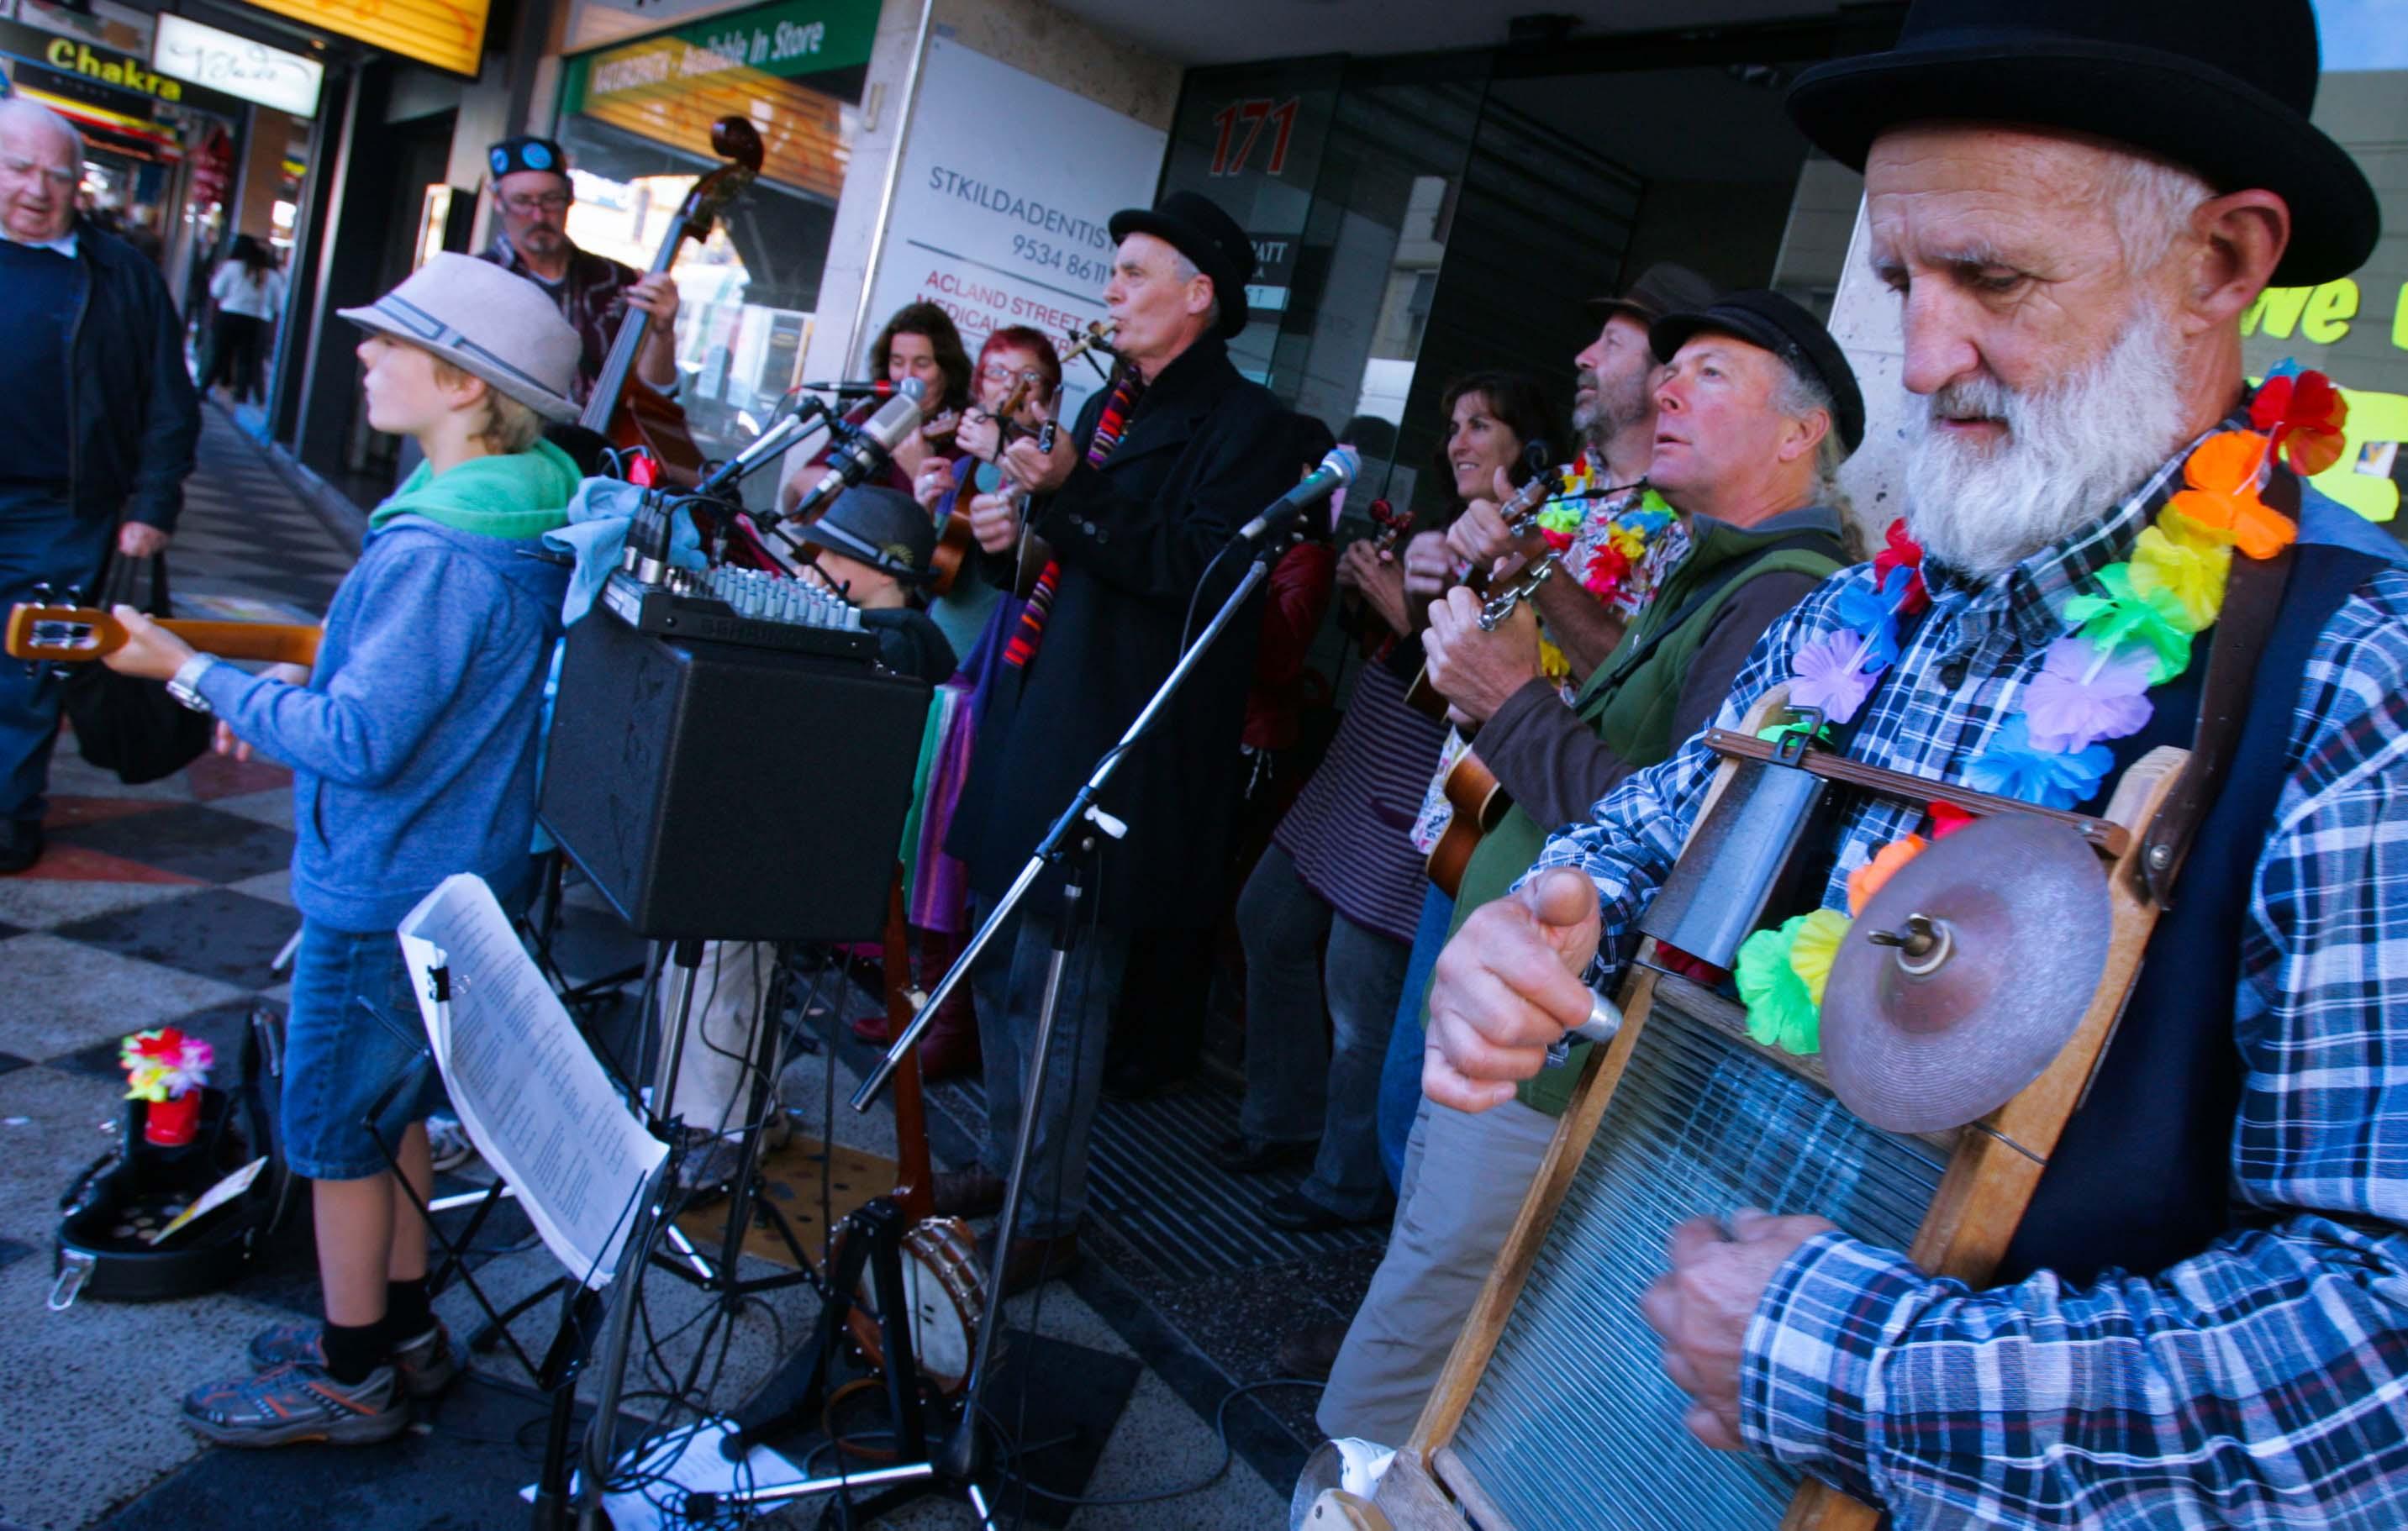 Có cả ban nhạc gia đình với đủ đầy các thế hệ ông - cháu, bố - con… cùng kéo nhau biểu diễn trên phố. Họ đàn hát không vì mưu sinh mà vì niềm vui tụ họp cuối tuần với bạn bè.